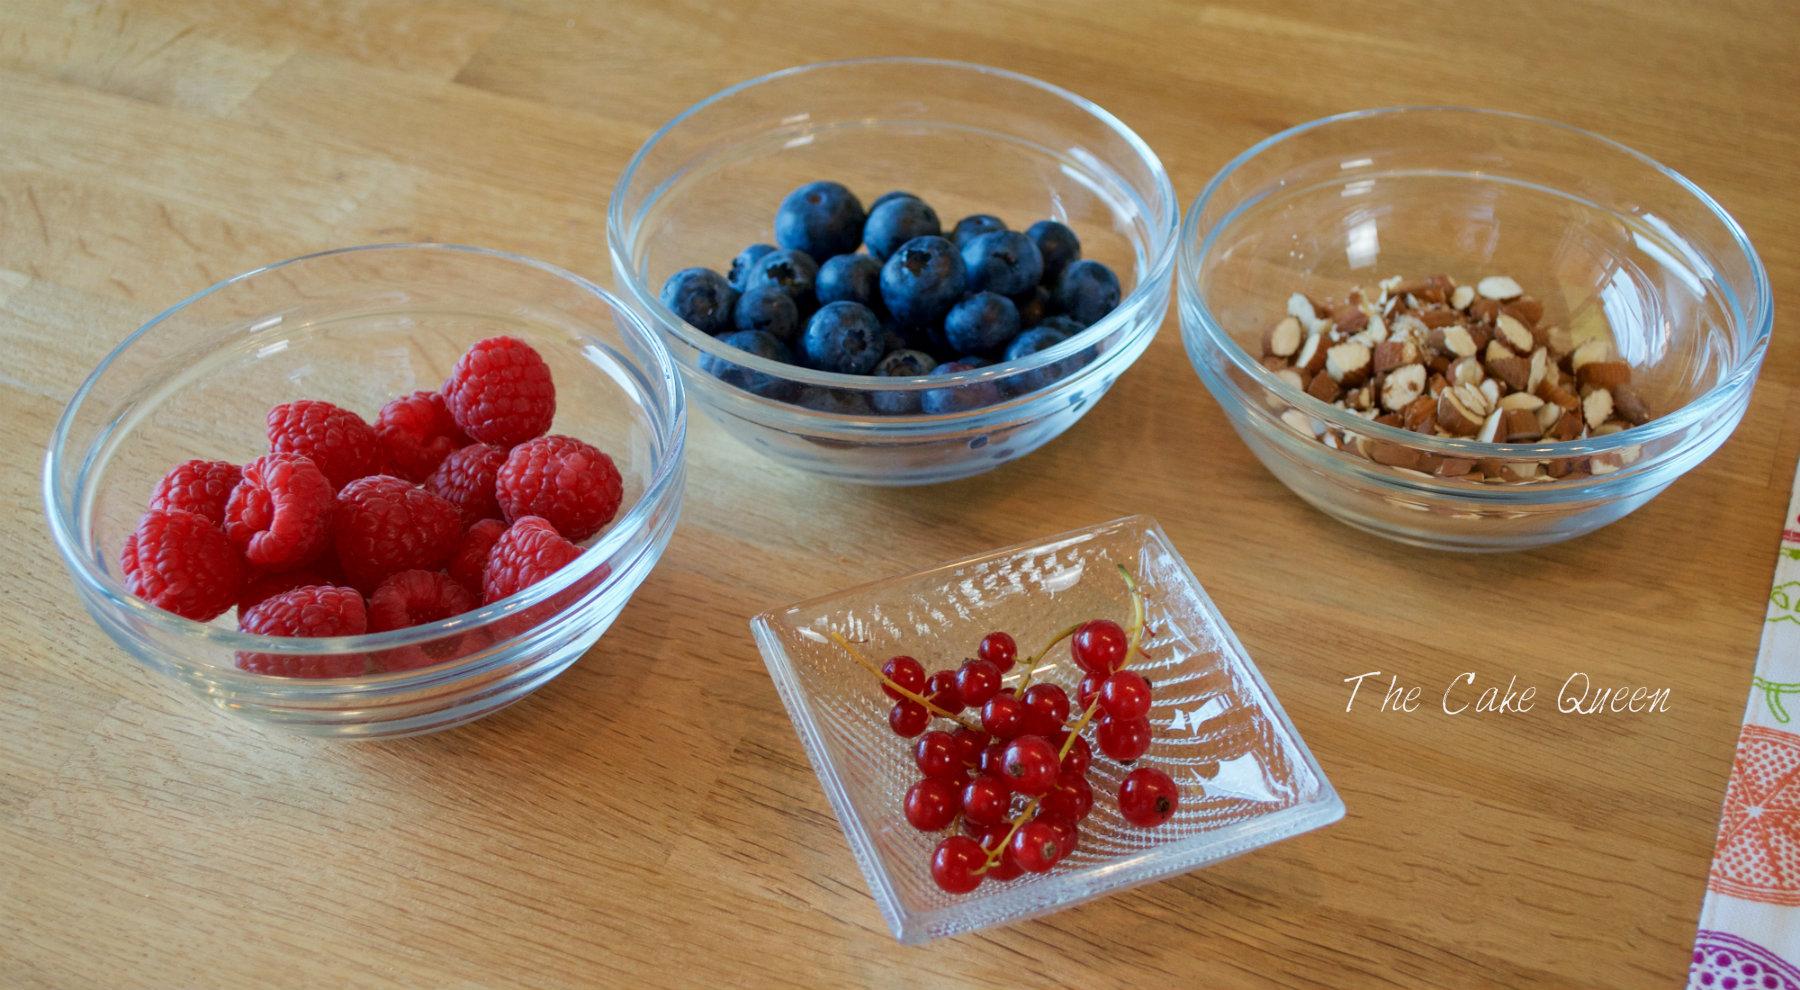 Ingredientes para el batido de chia, almendras y frutas del bosque arándanos, grosellas, frambuesas y almendras troceadas